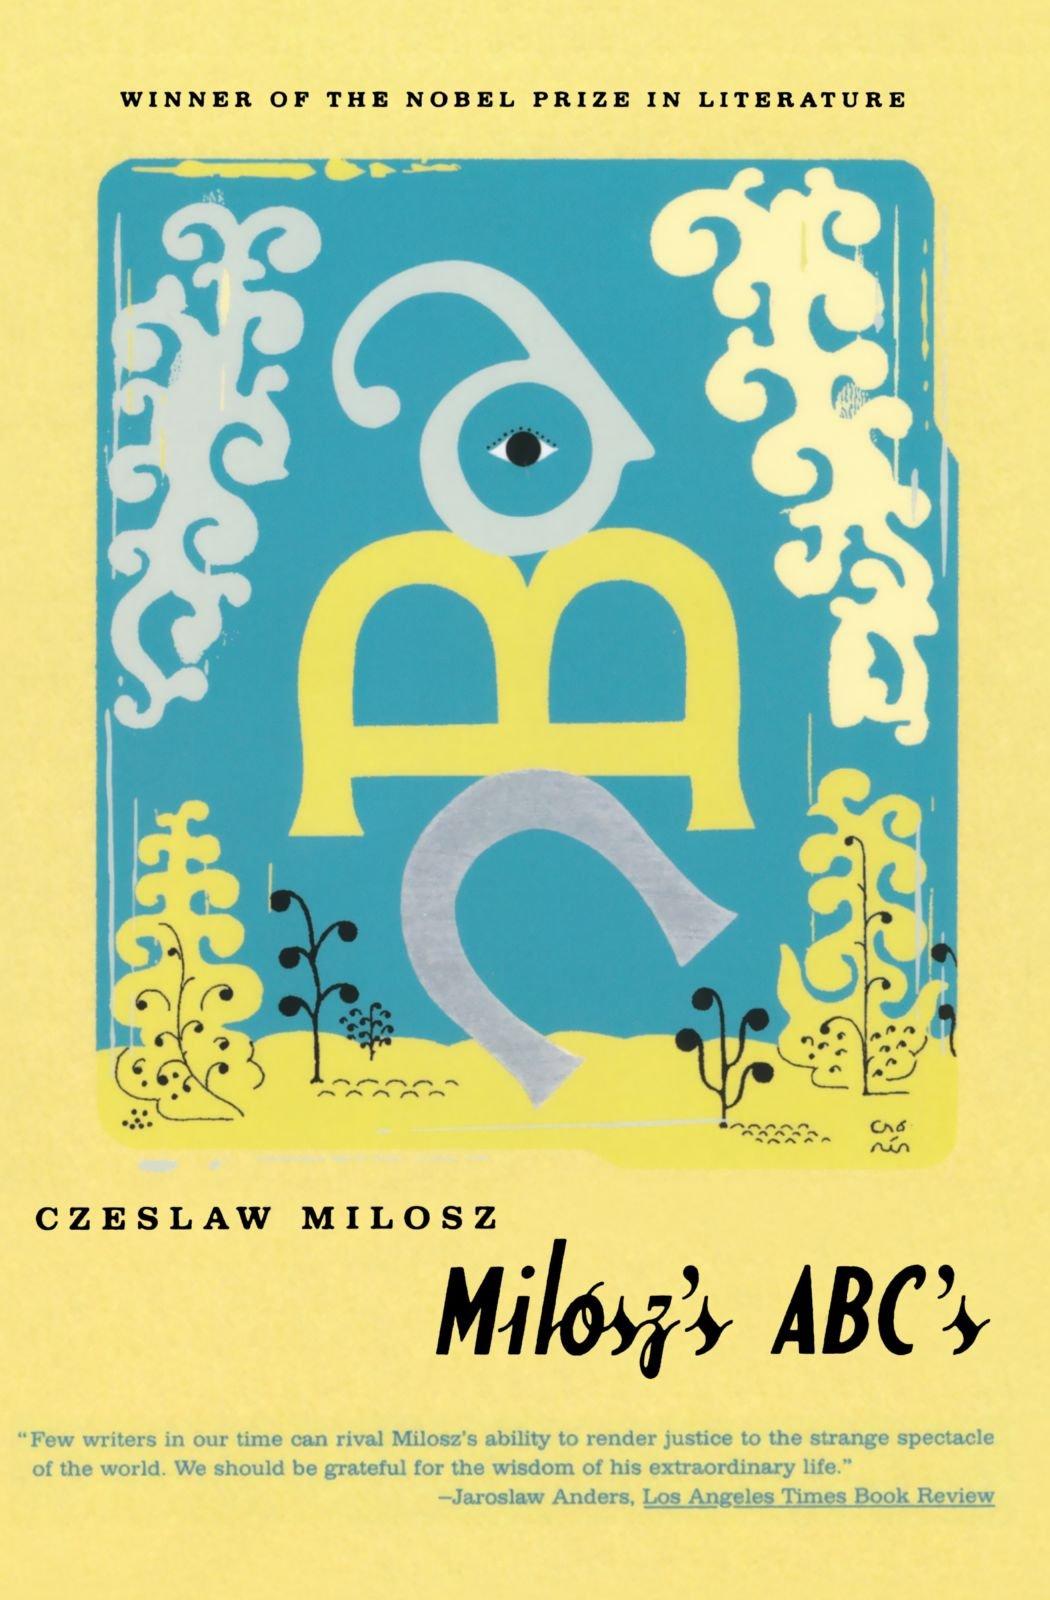 Milosz's ABC's PDF